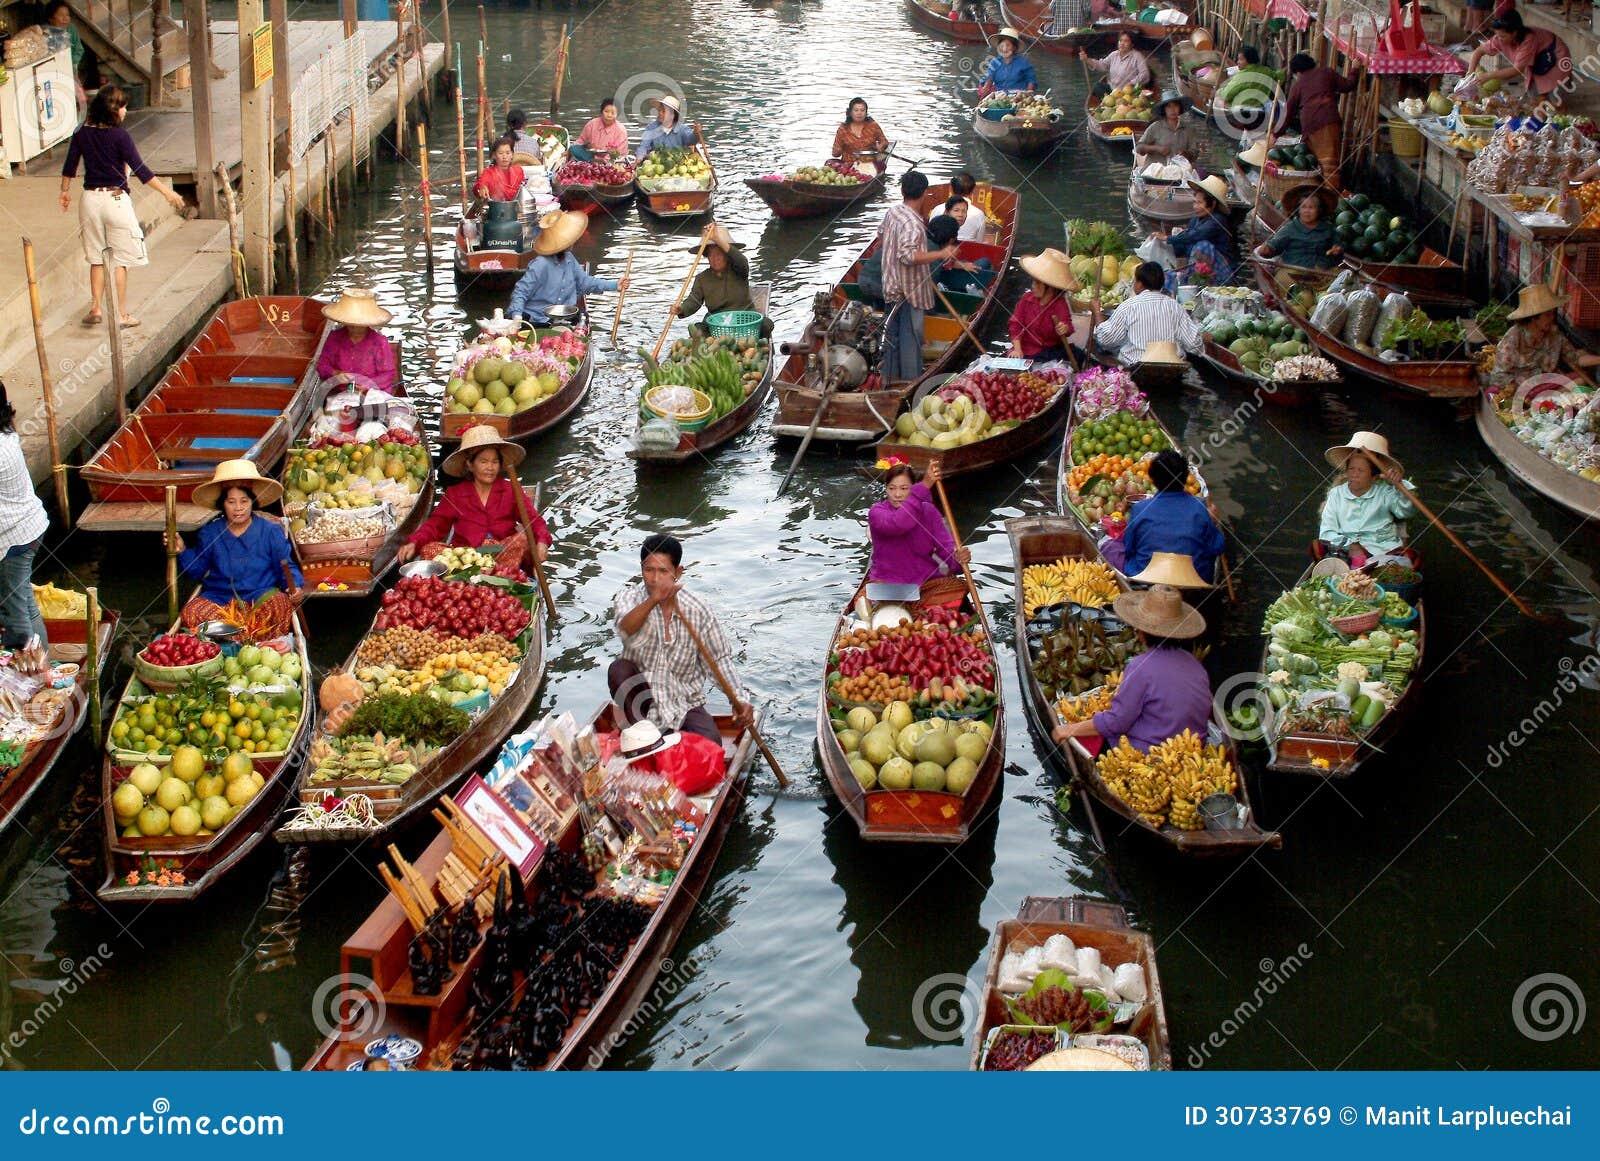 Sich hin- und herbewegender Markt in Thailand.